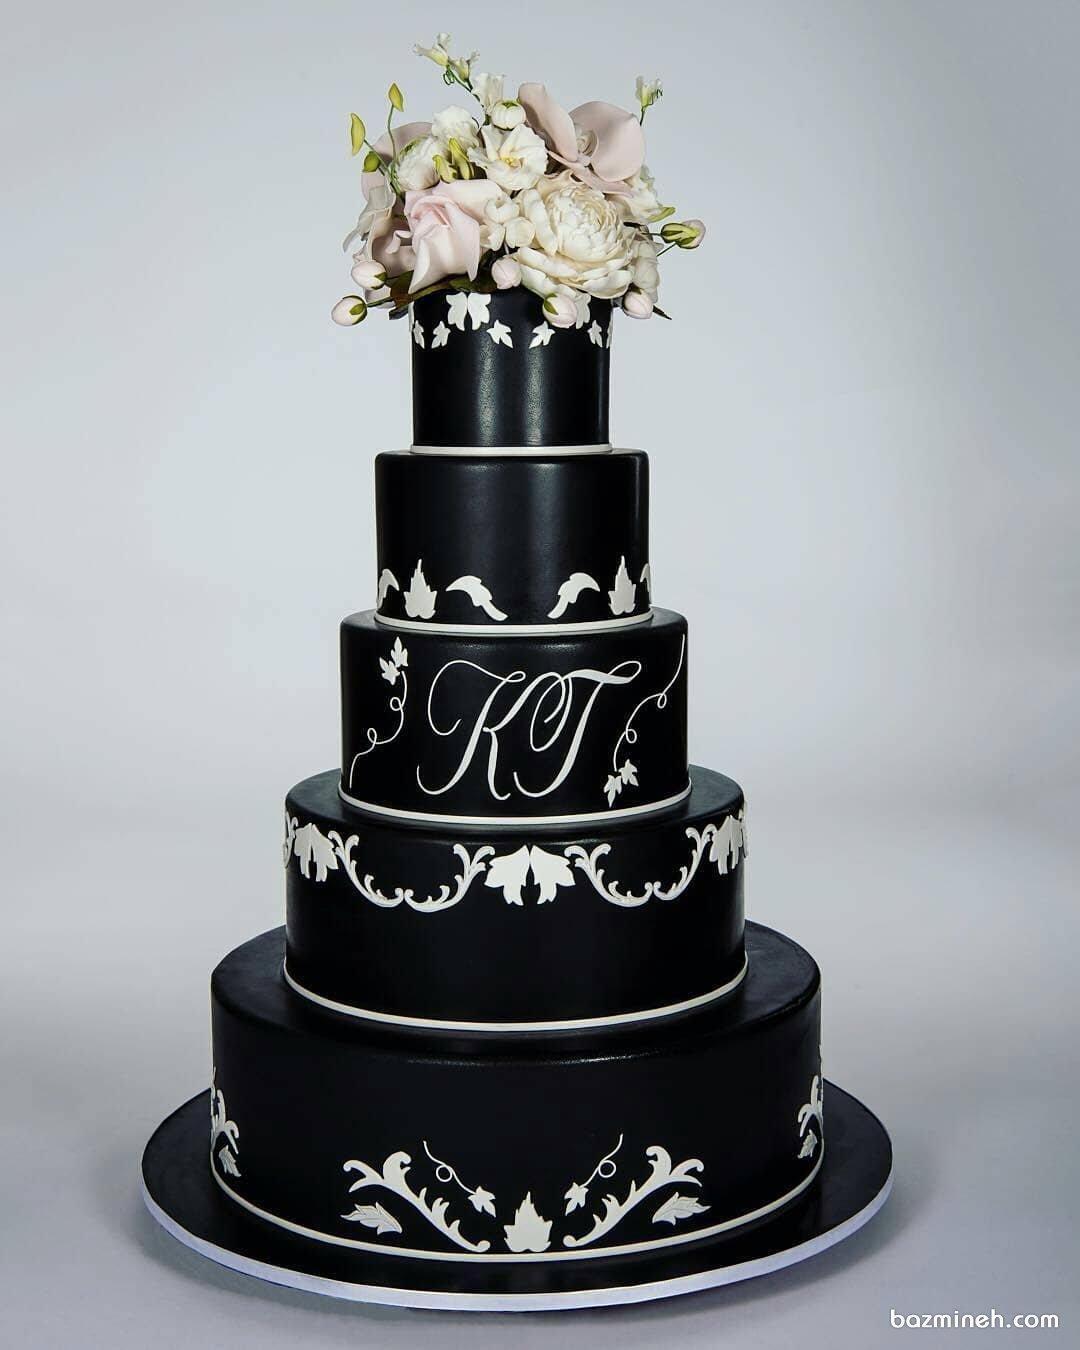 کیک چند طبقه جشن نامزدی یا عروسی با تم مشکی